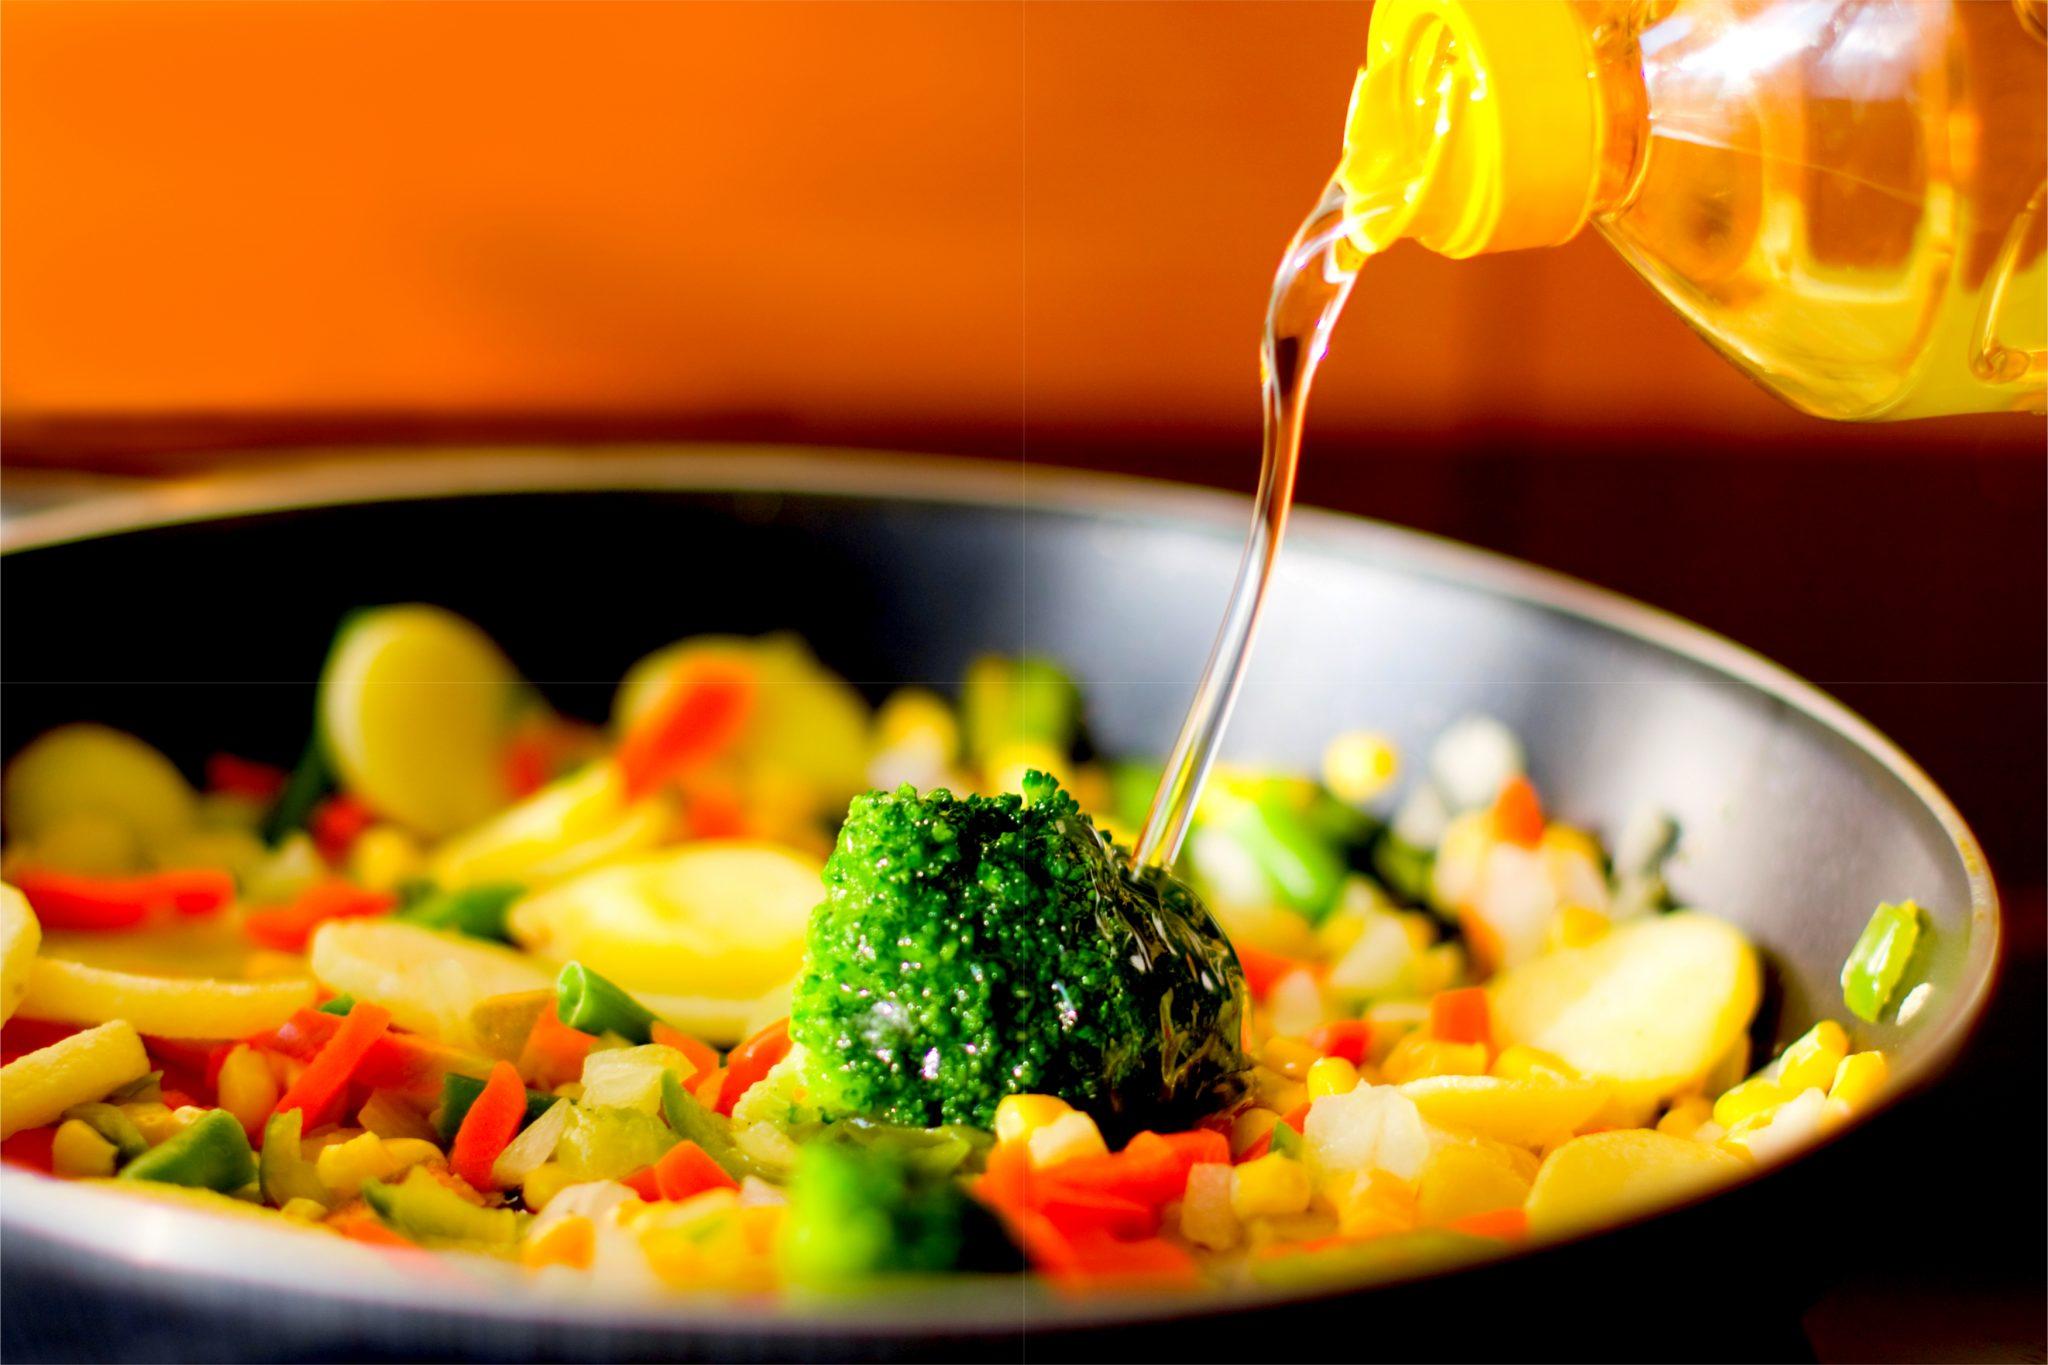 野菜炒めに油を注いでいる